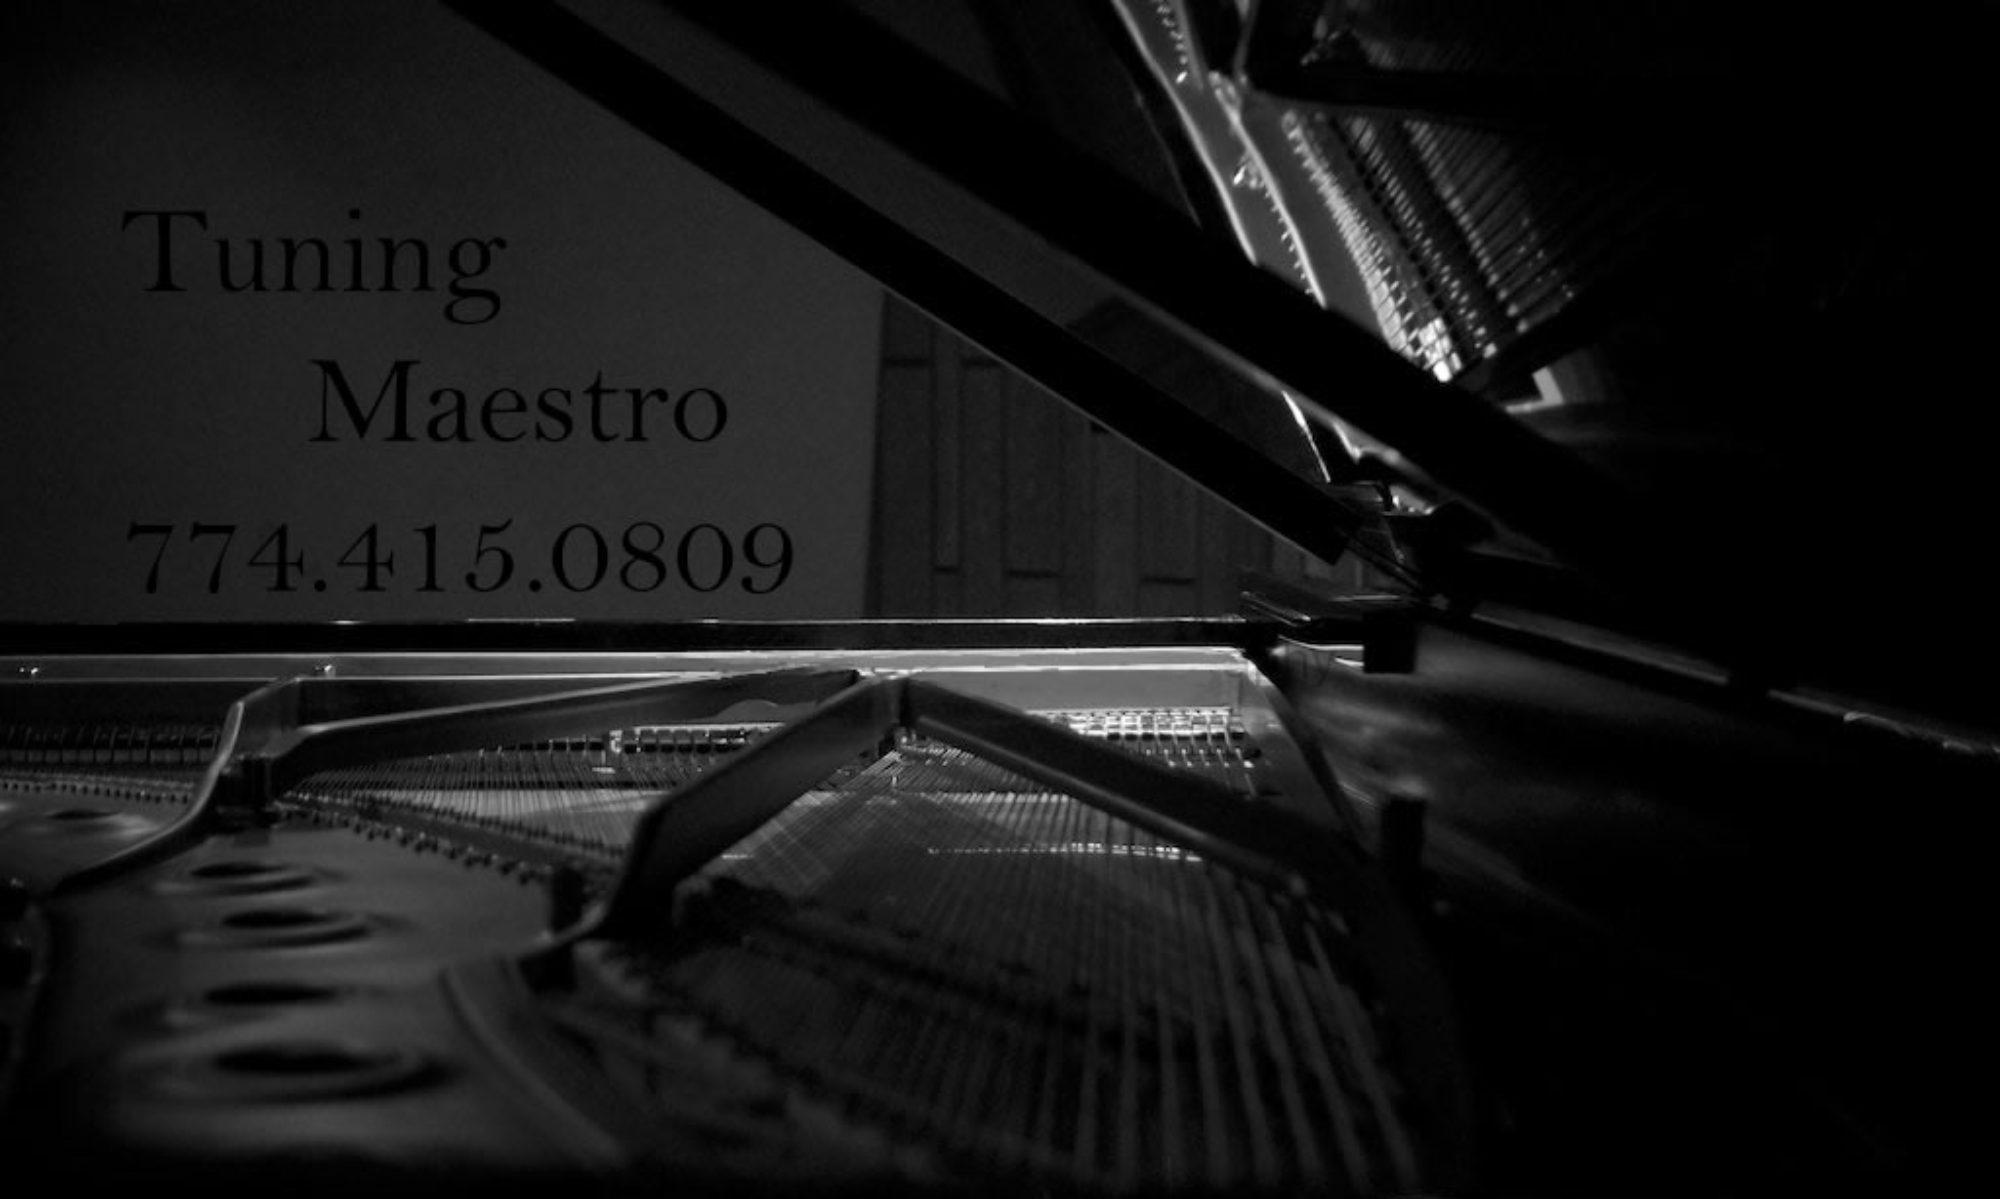 Tuning Maestro